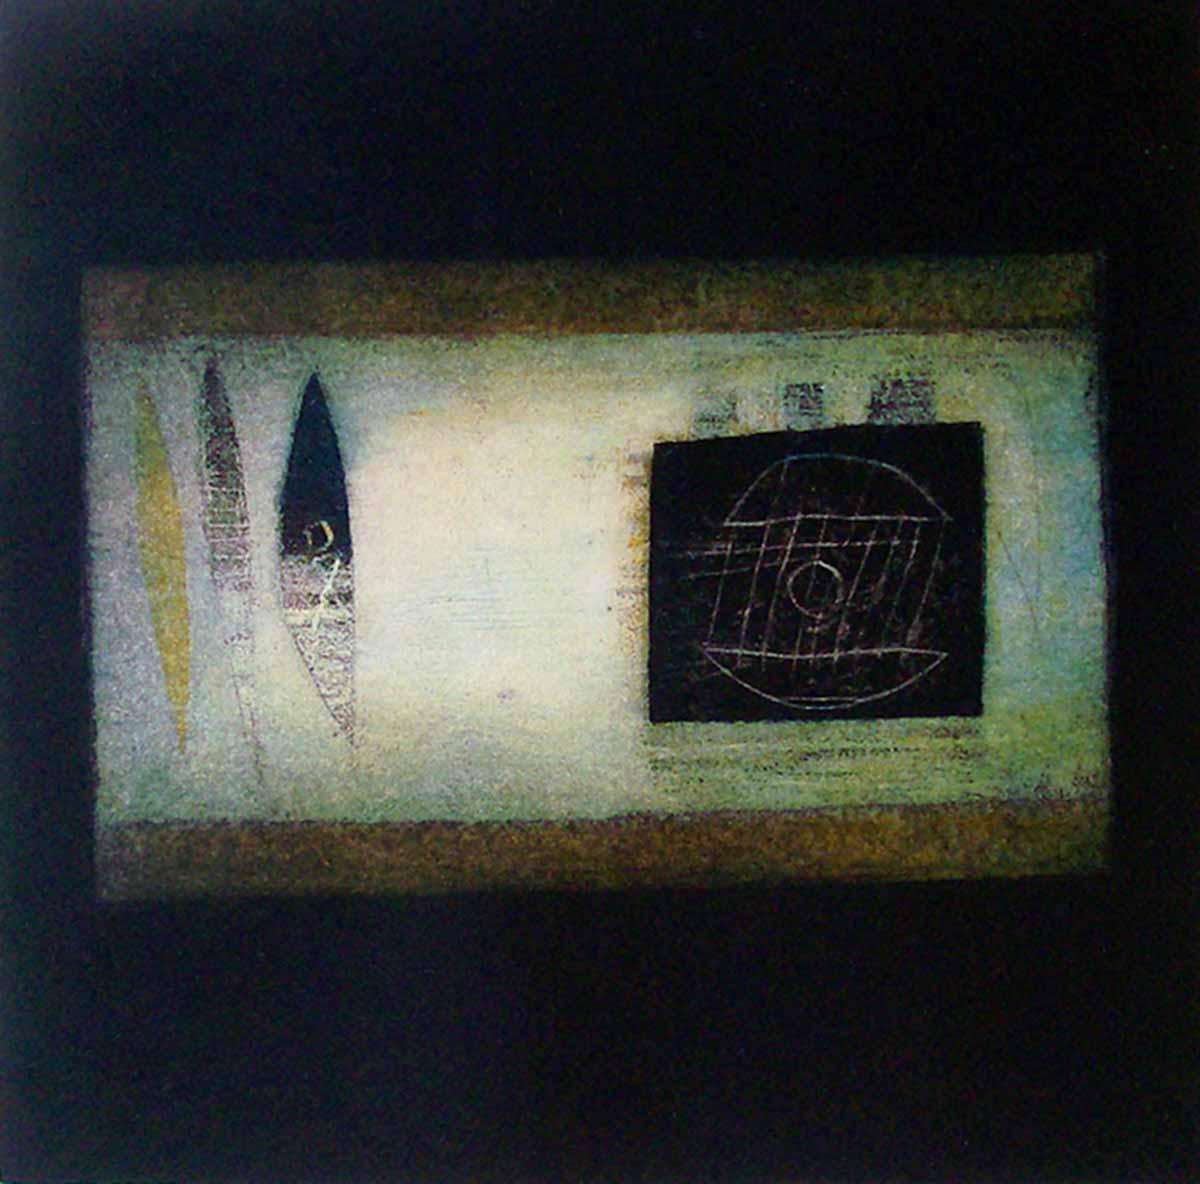 Ocular, 30x30, Aquatint on Paper